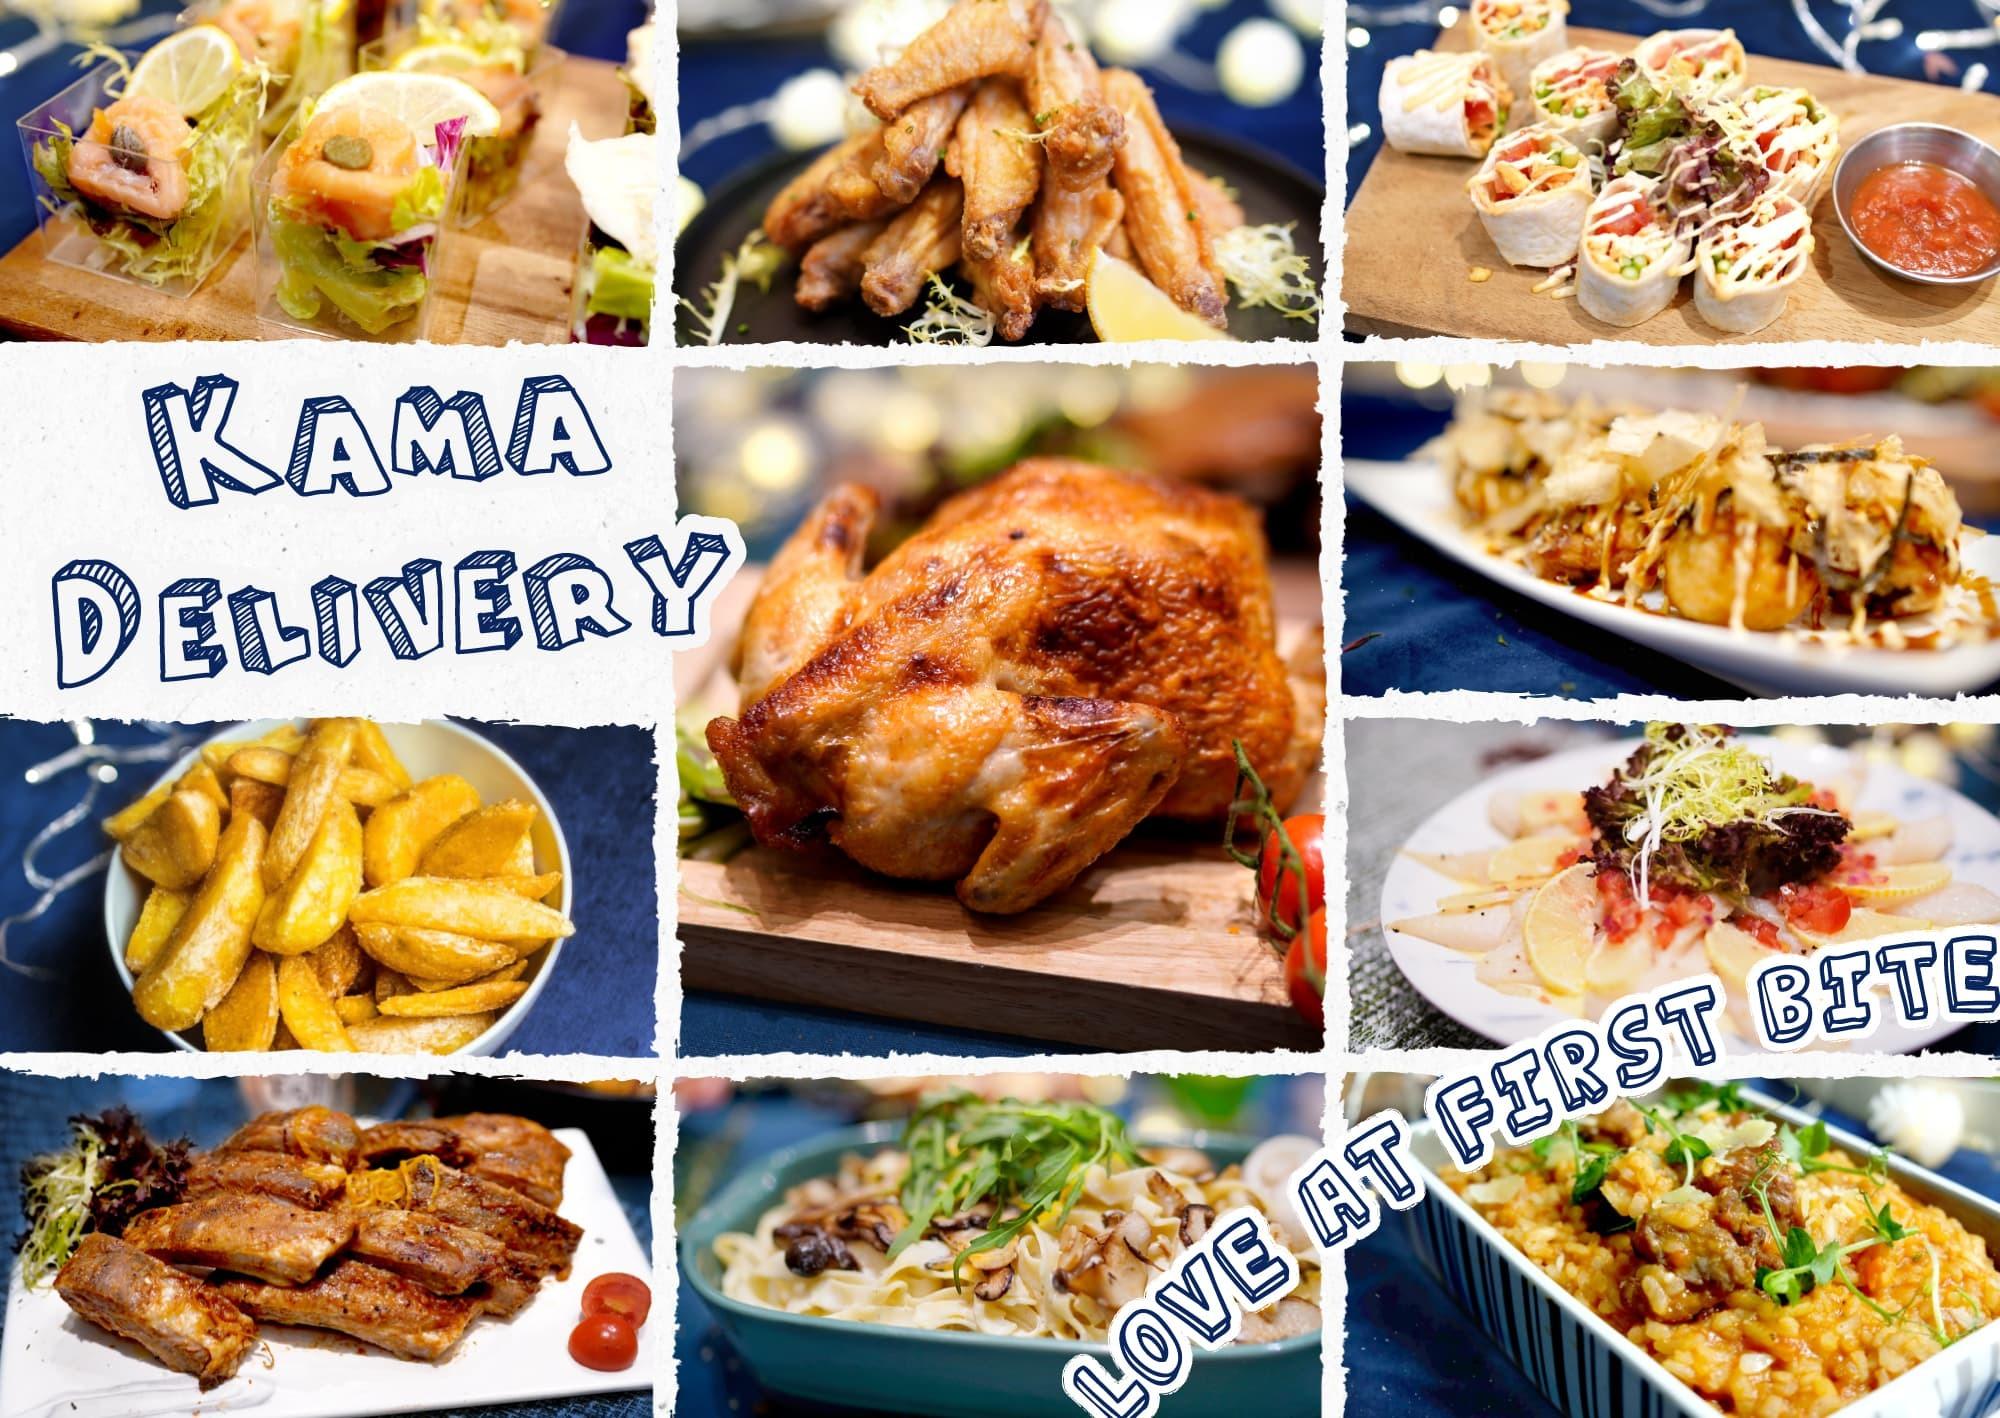 中學到會外賣推介|Kama Delivery為各位師生預備各款抵食到會外賣速遞套餐跟單點美食,有多款一口小食及西式主菜供預訂!